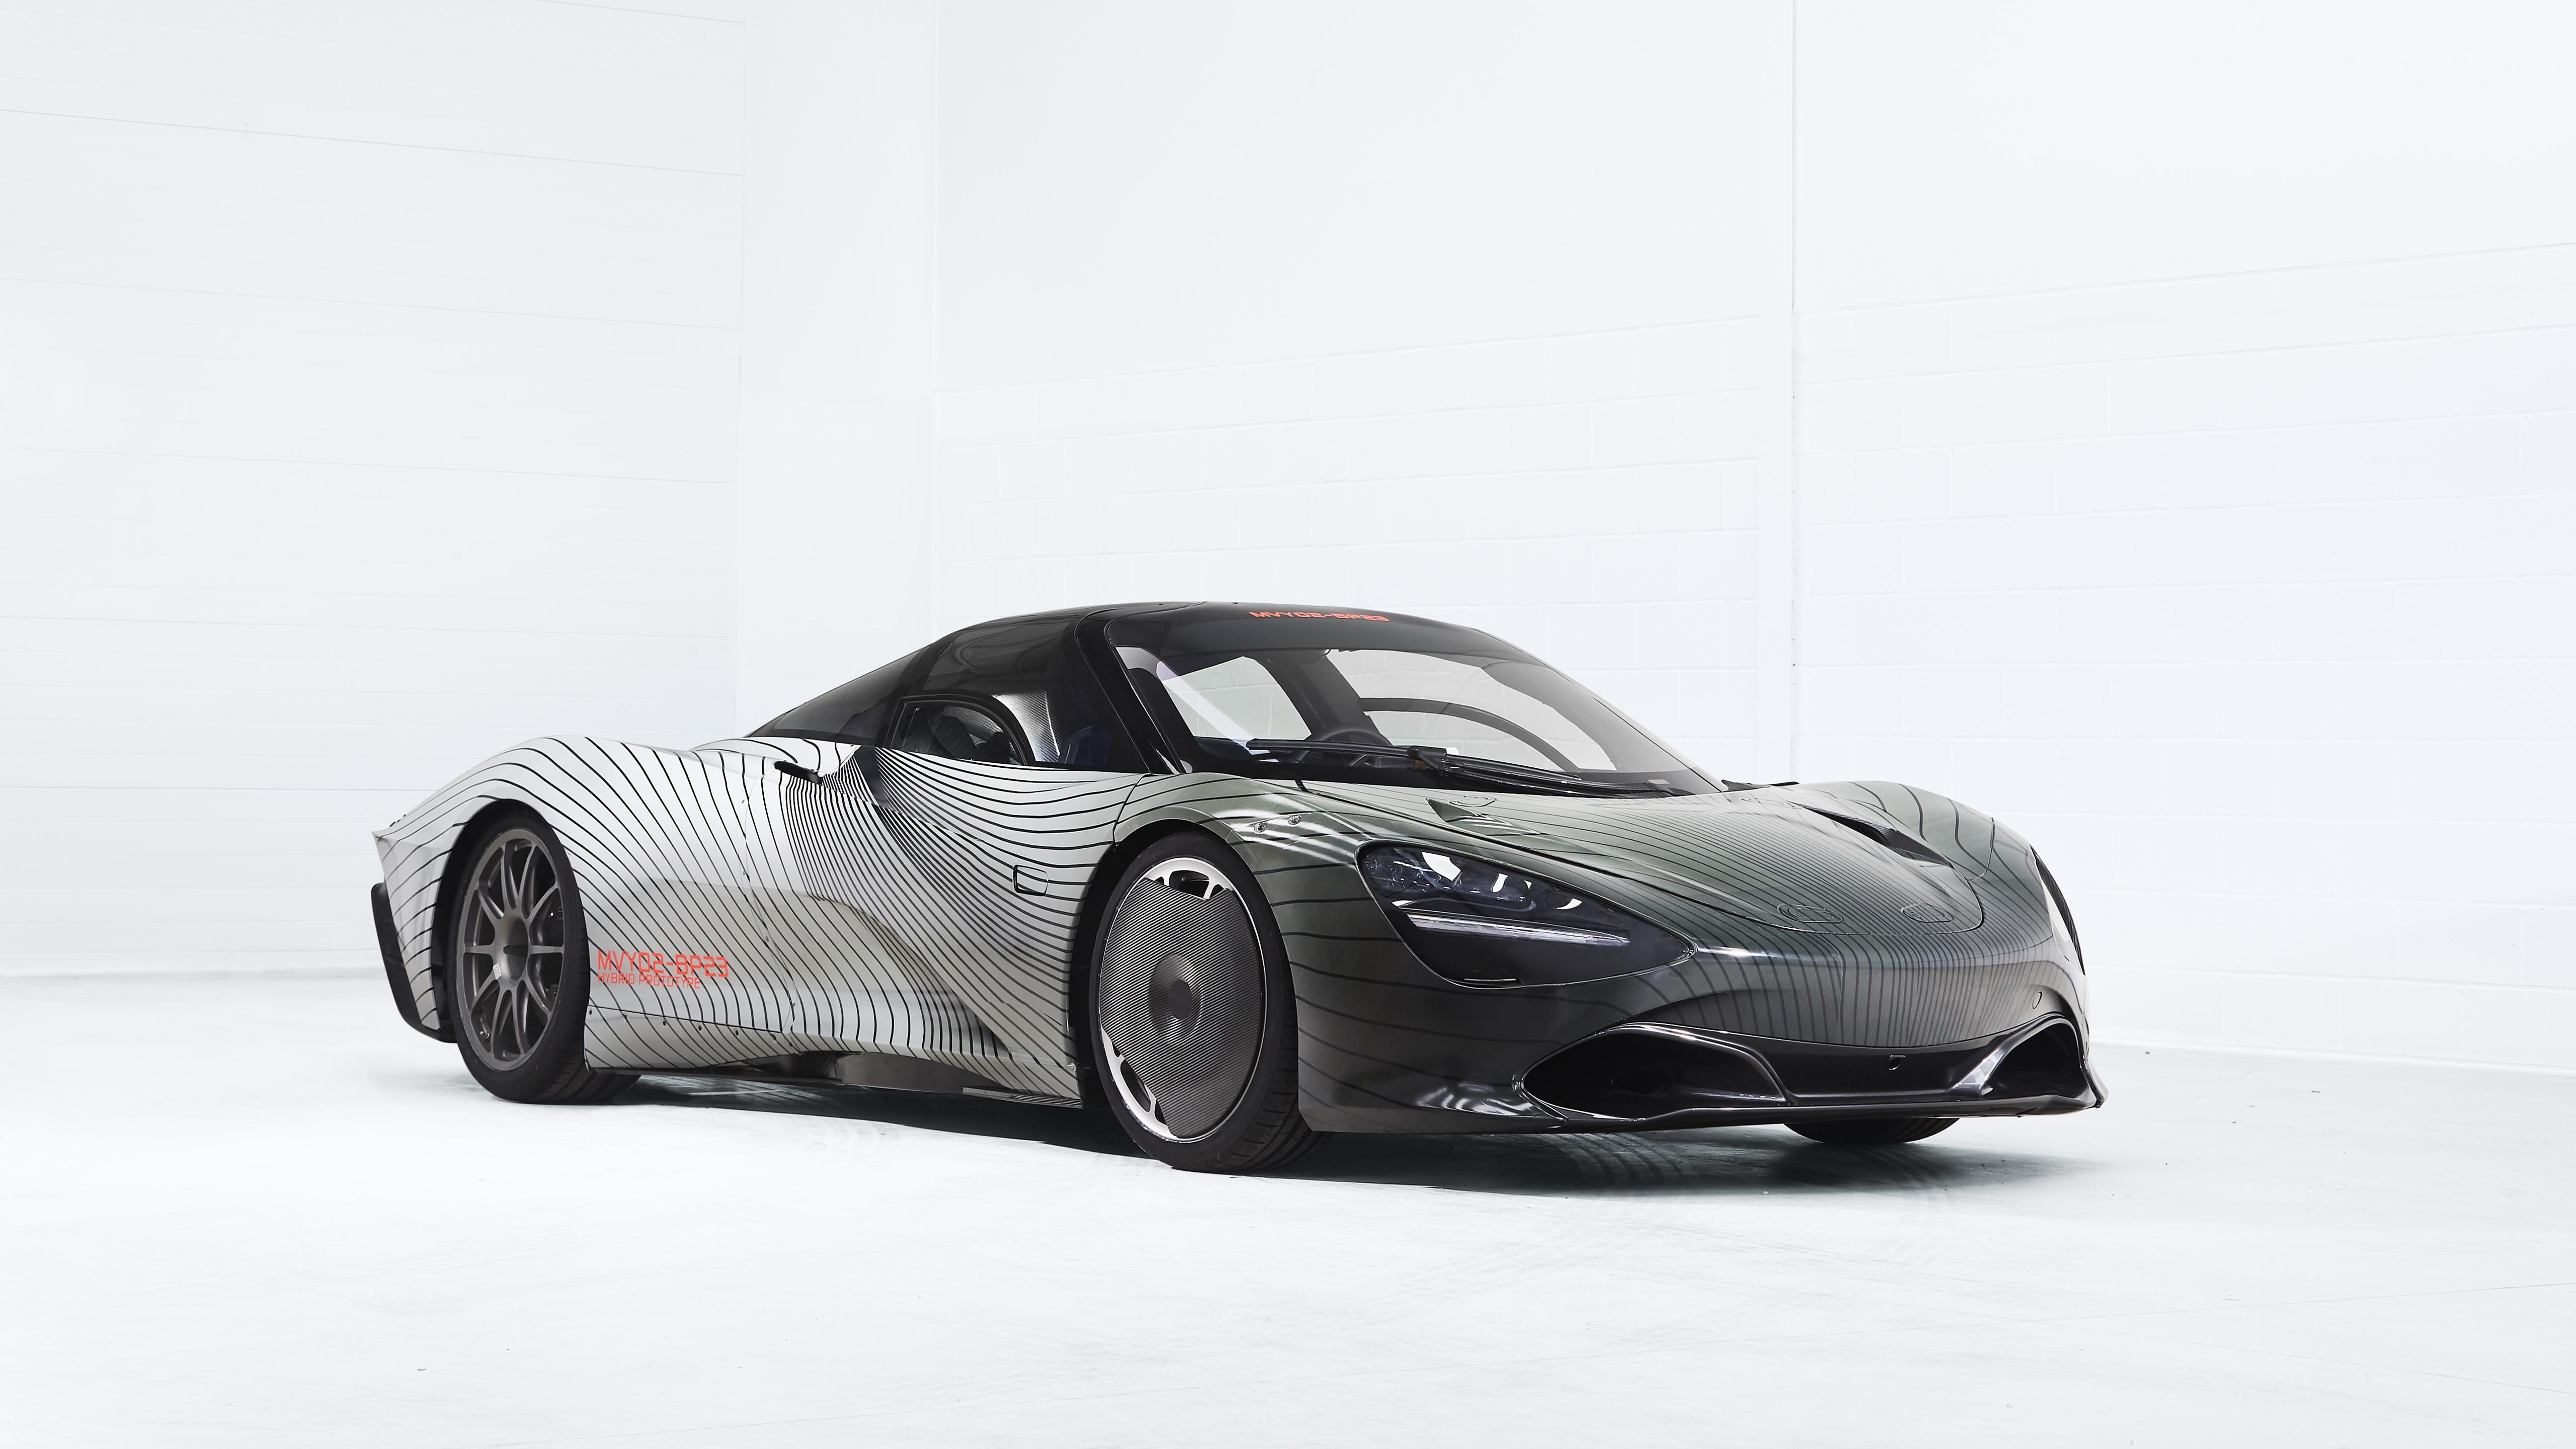 McLaren Speedtail Prototype 5K Wallpaper HD Car Wallpapers ID 5120x2880